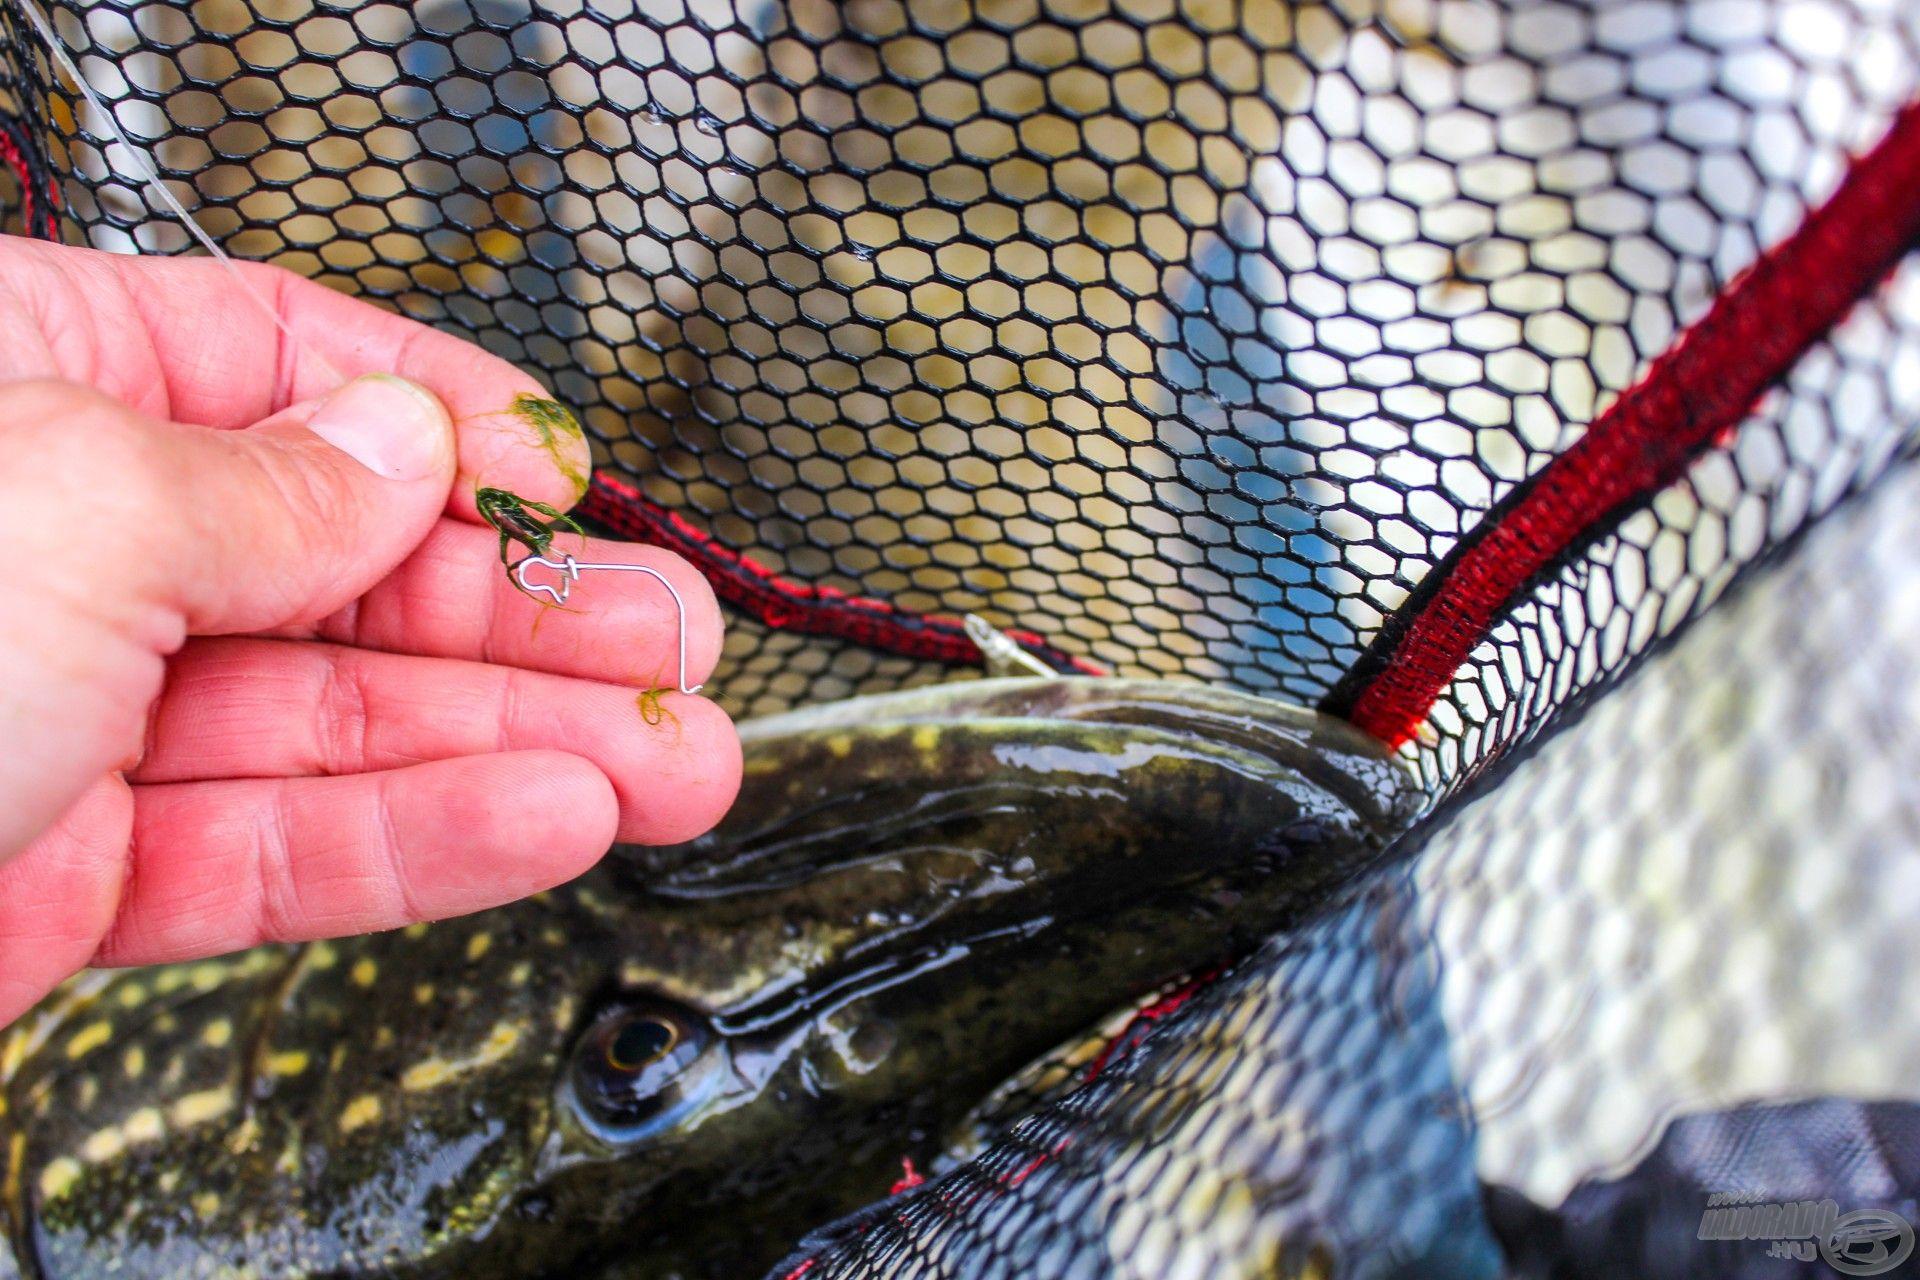 Csuka a merítőben: szájából kikandikál a villantó eleje, de a kapocs már elengedte – nem sokon múlt, hogy meglett ez a hal!